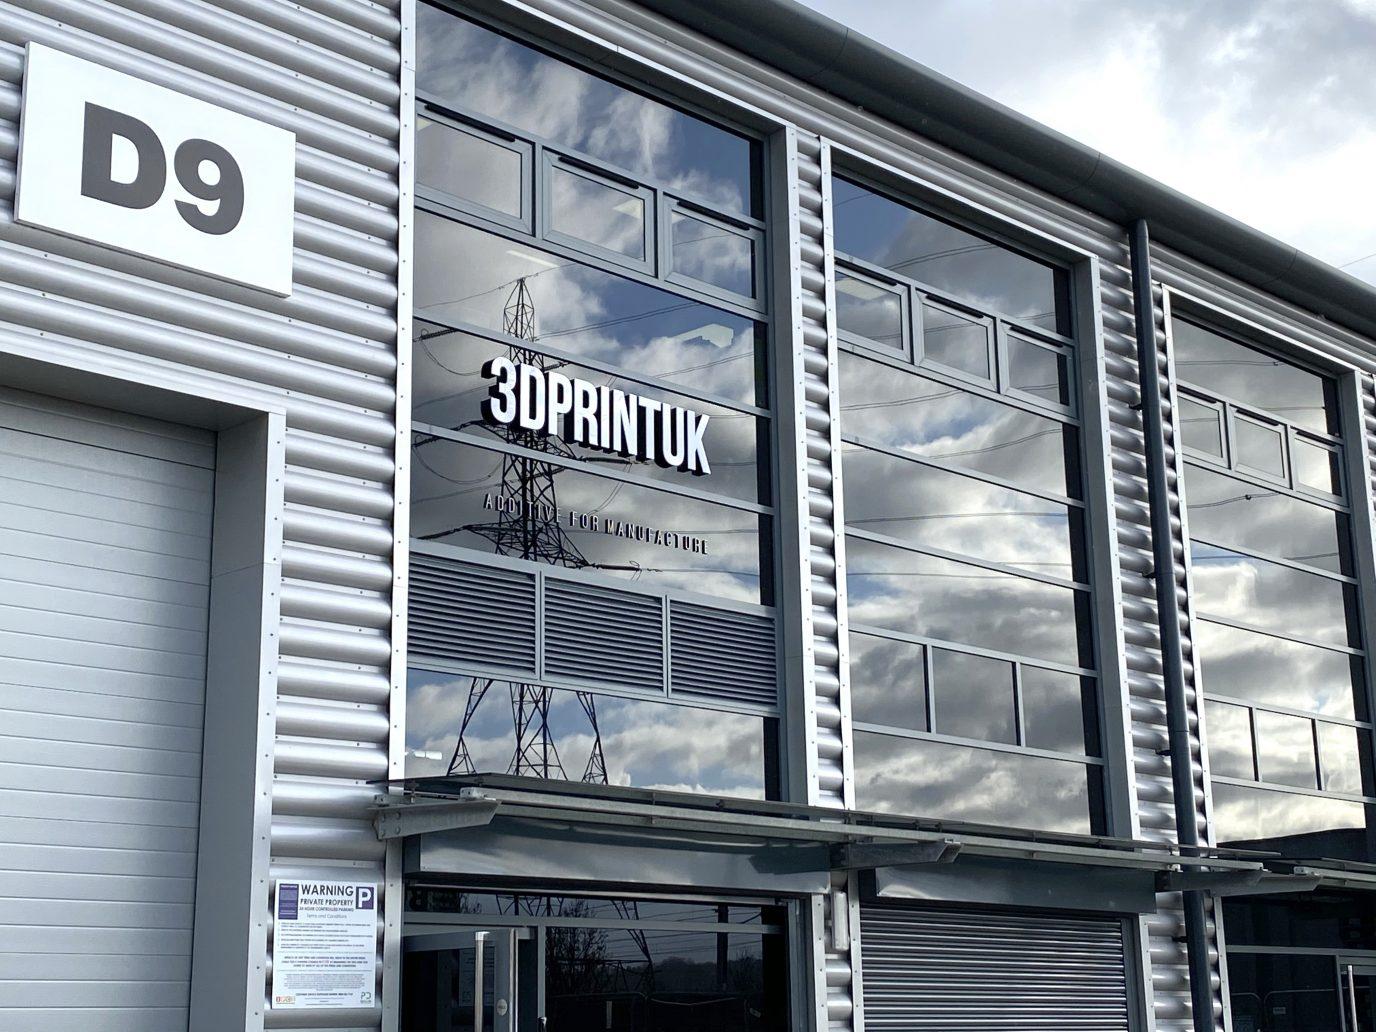 イギリスの大手3Dプリンティング・サービスビューローが新ヘッドクォーターへ移転